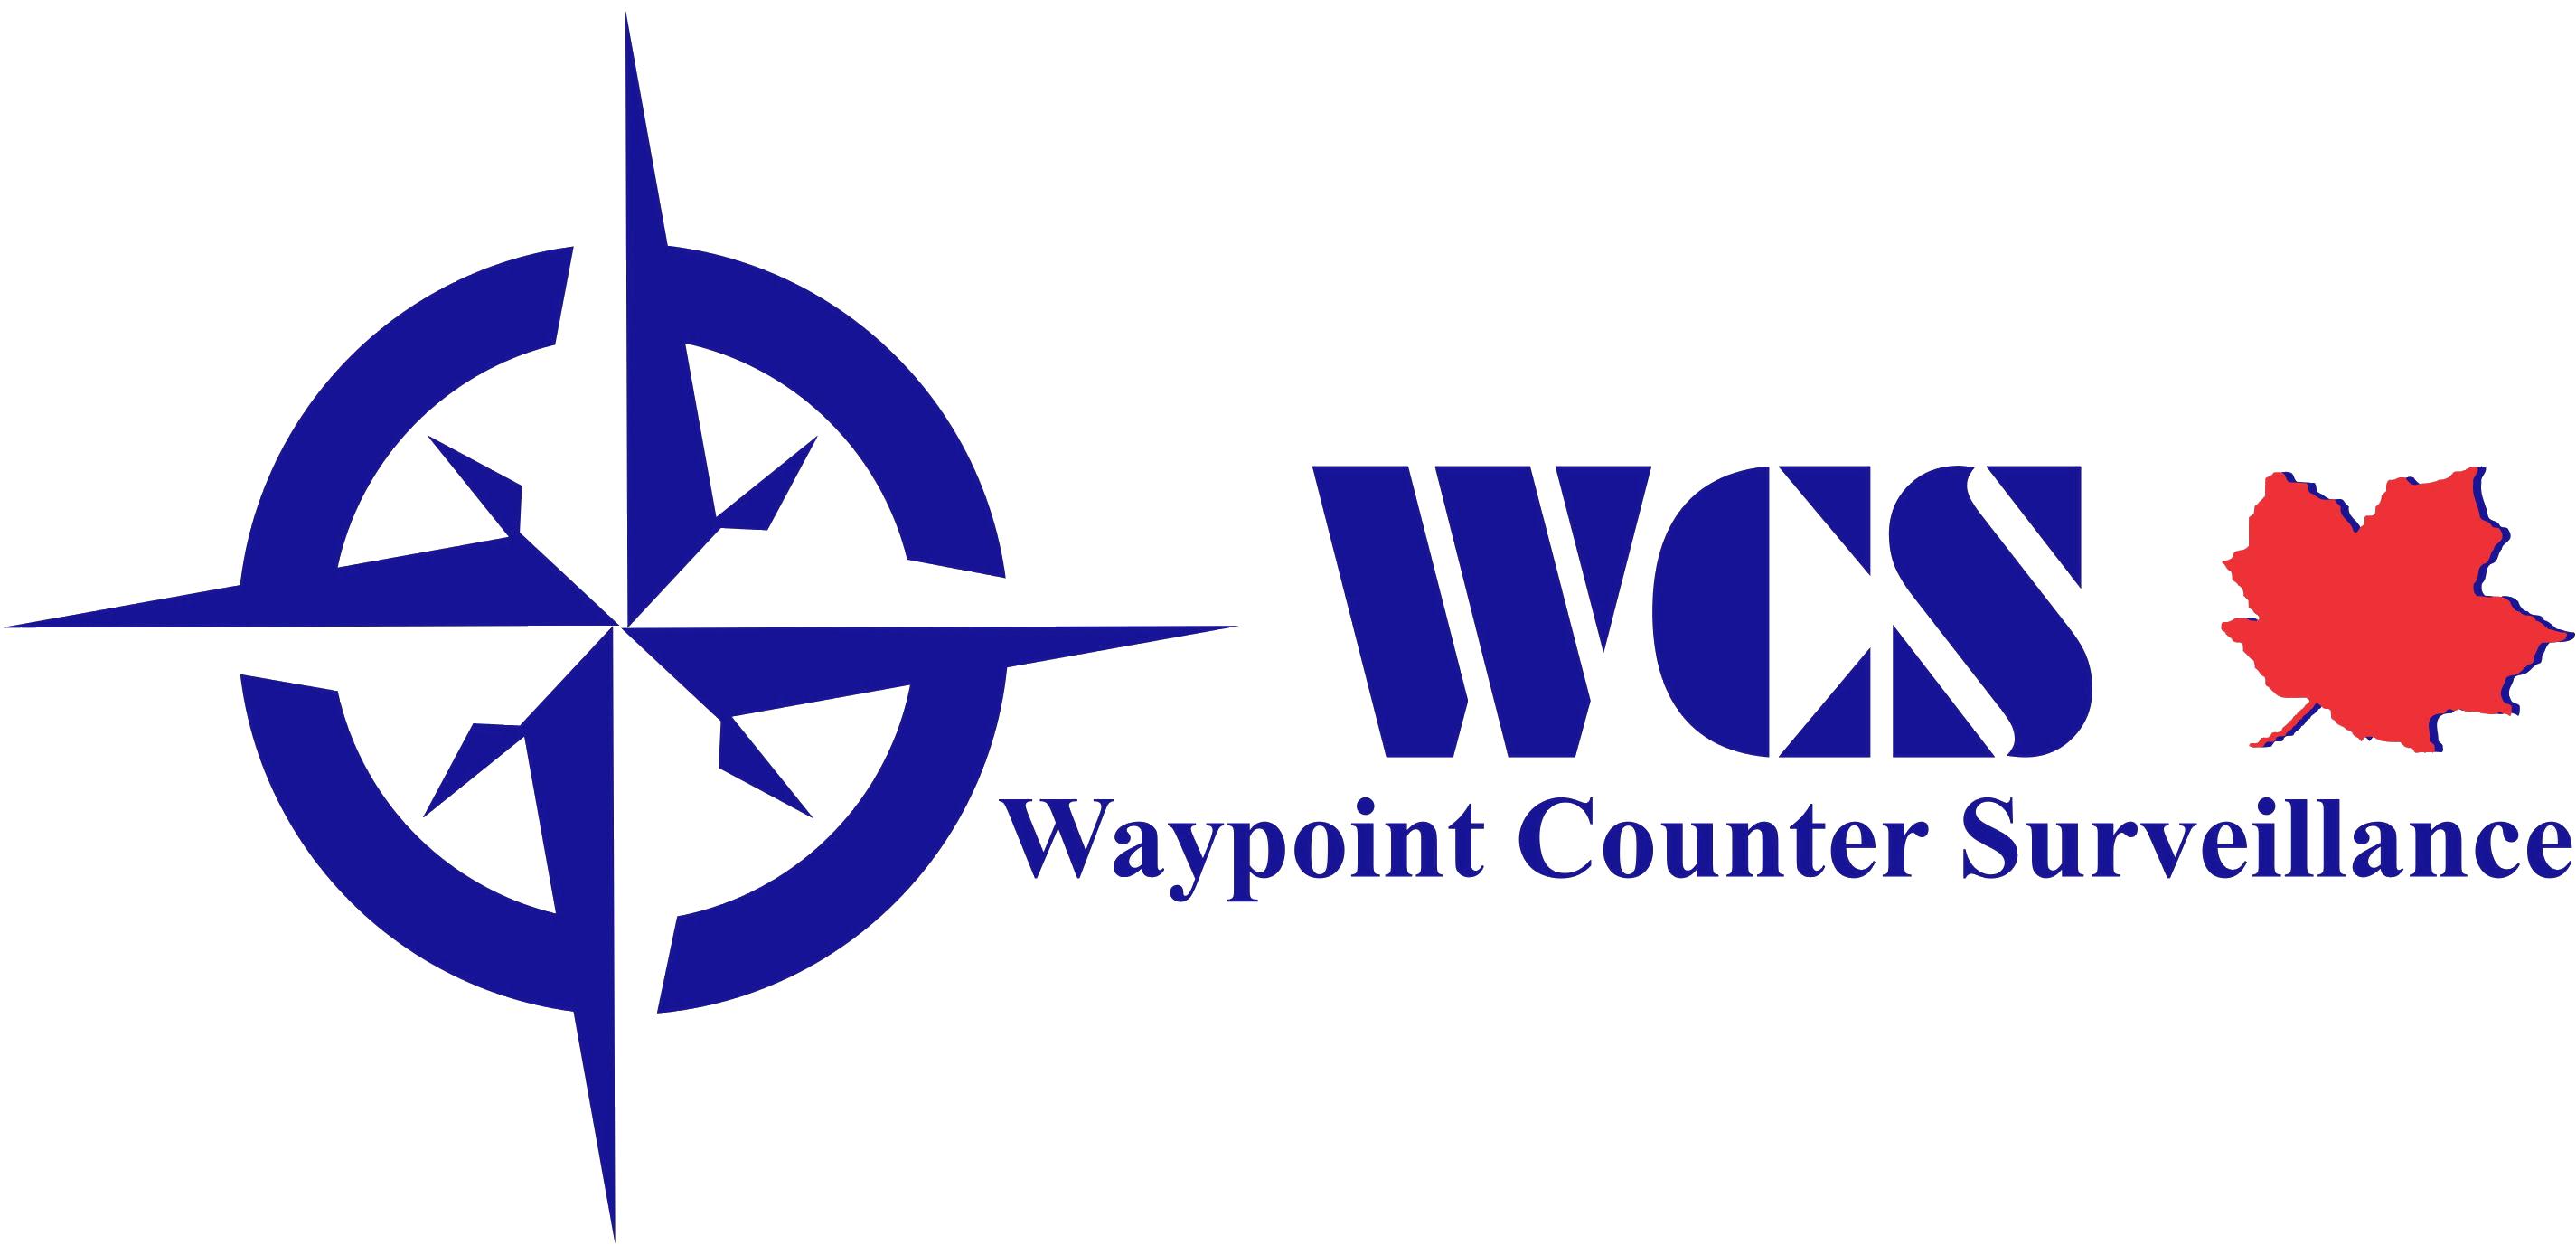 Waypoint Counter Surveillance Inc